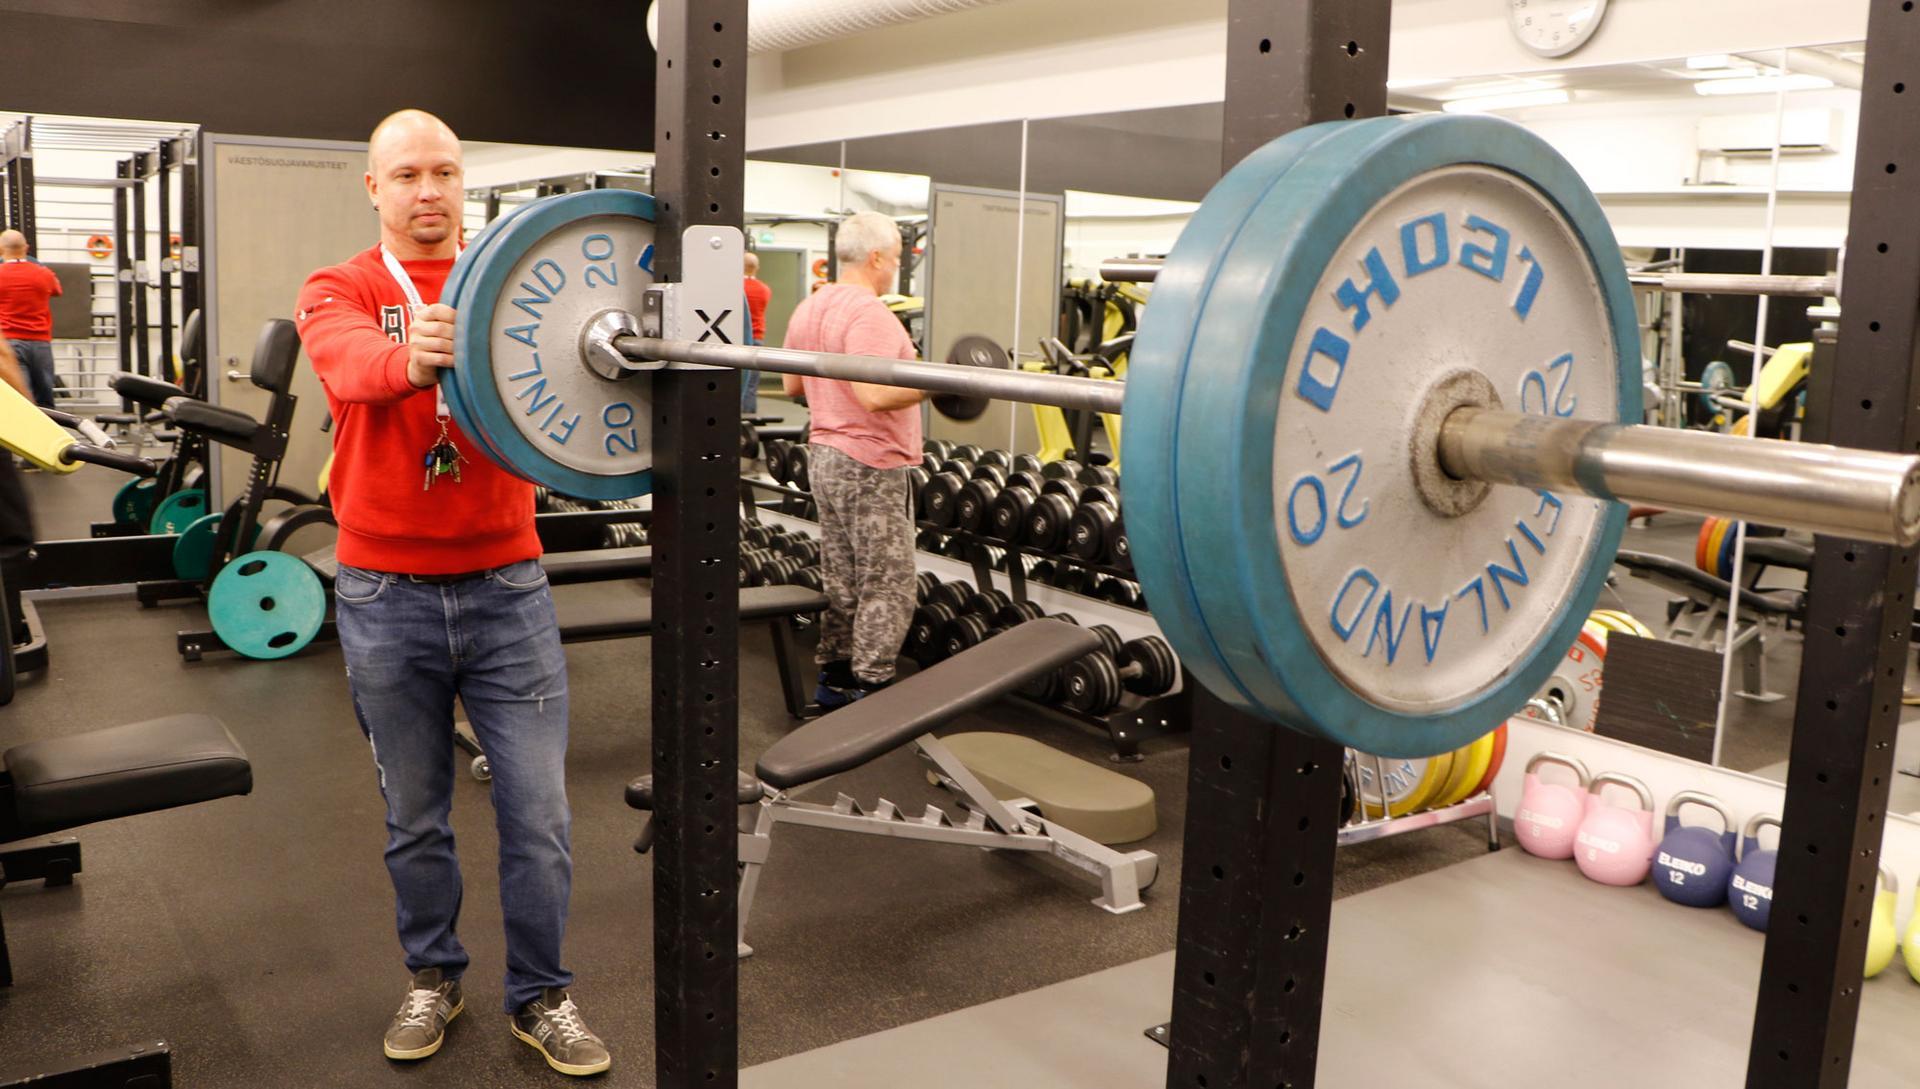 Lauri Palttalan mukaan Kuntosali Linja soveltuu harjoittelupaikaksi kaikille bodareista senioreihin. Kuva: Eija Koivu